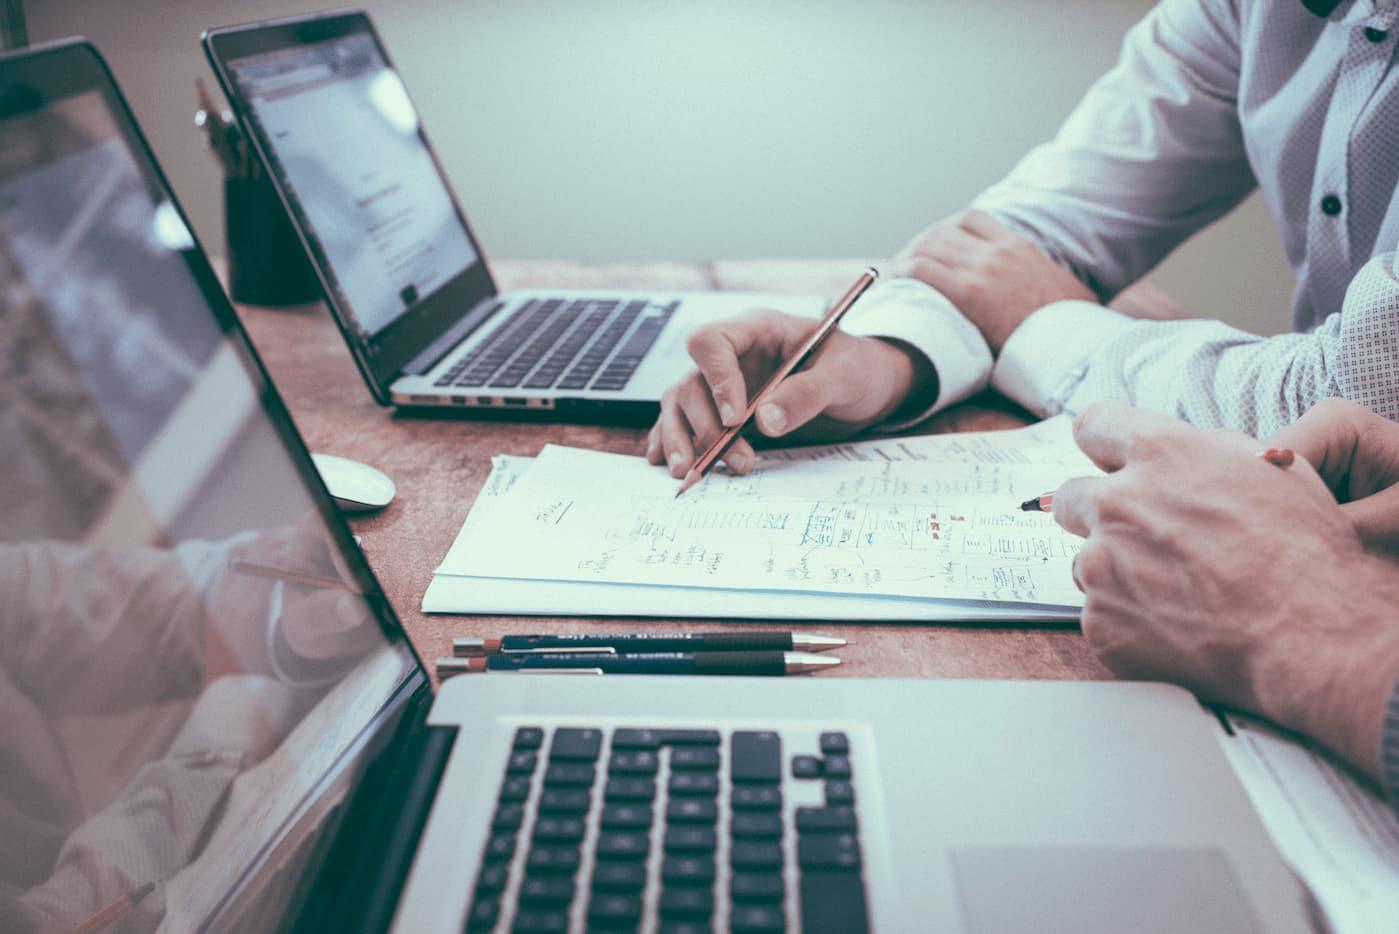 Understanding business needs at rental property